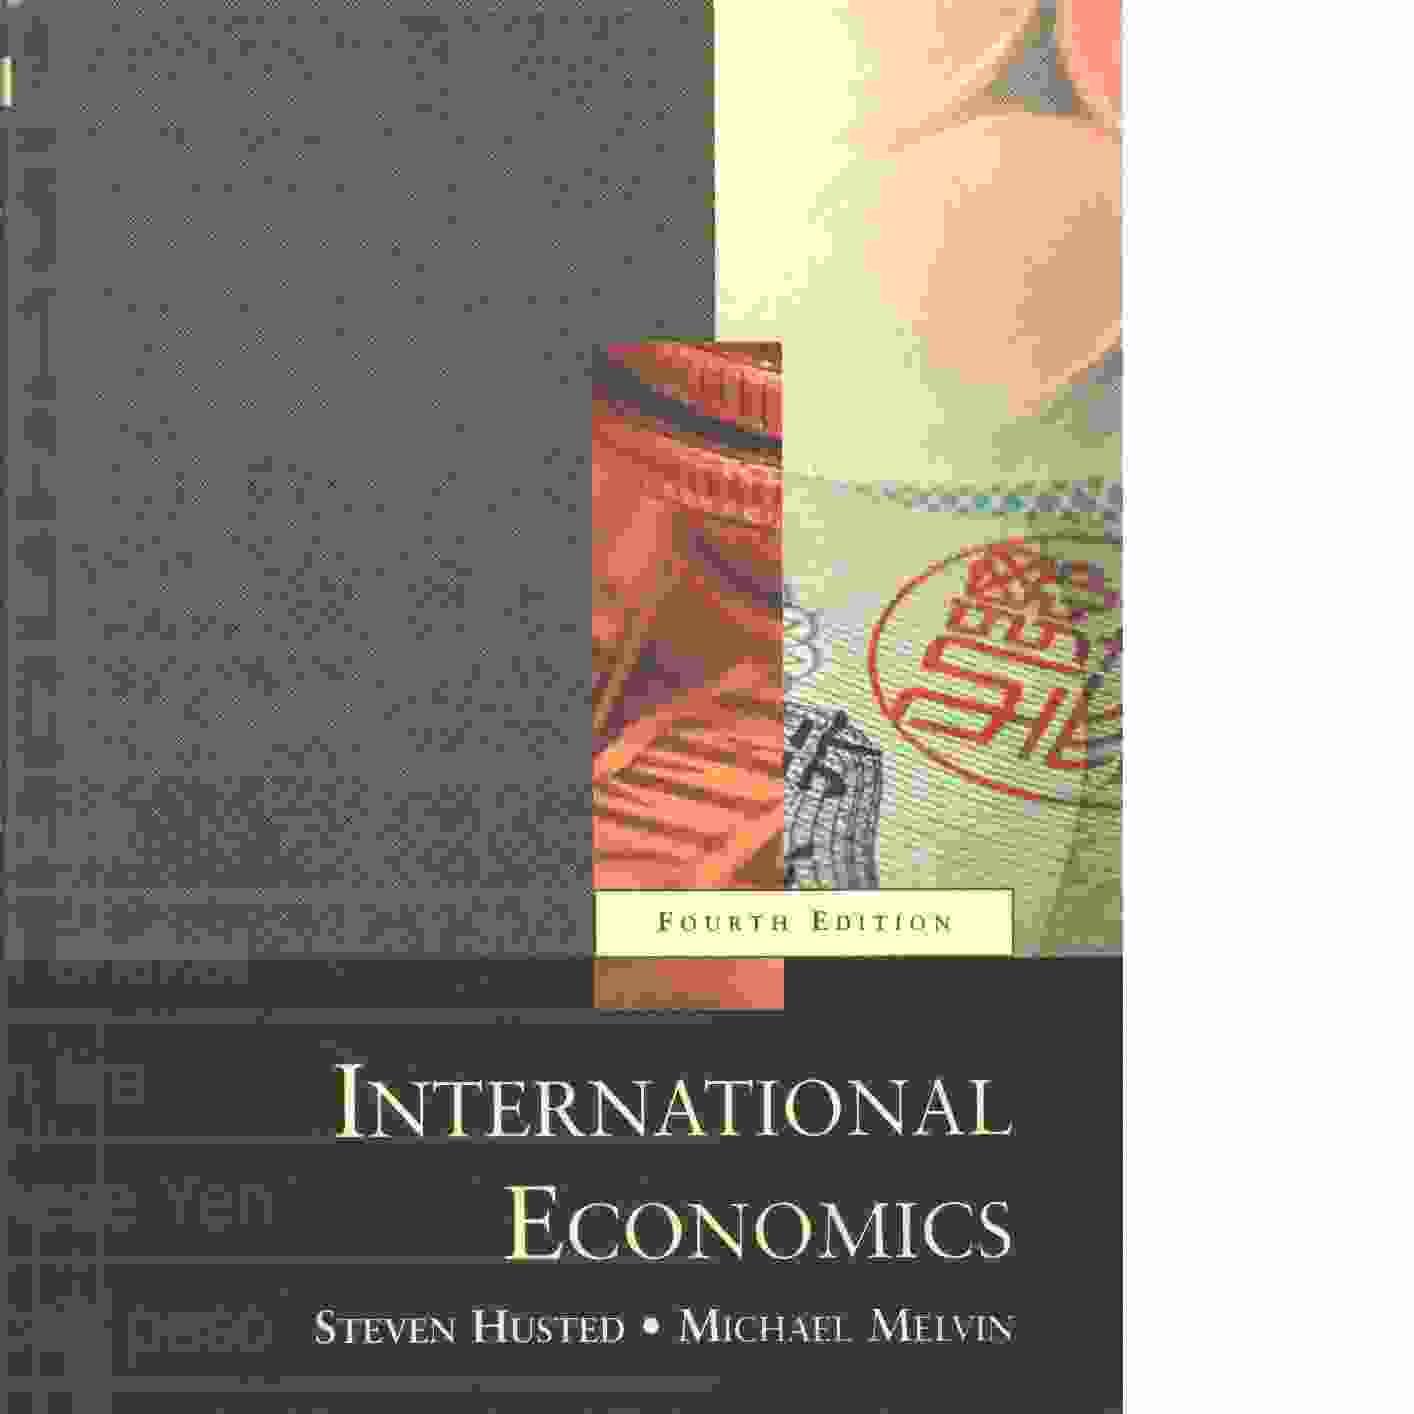 International economics - Husted, Steven L. och Melvin, Michael